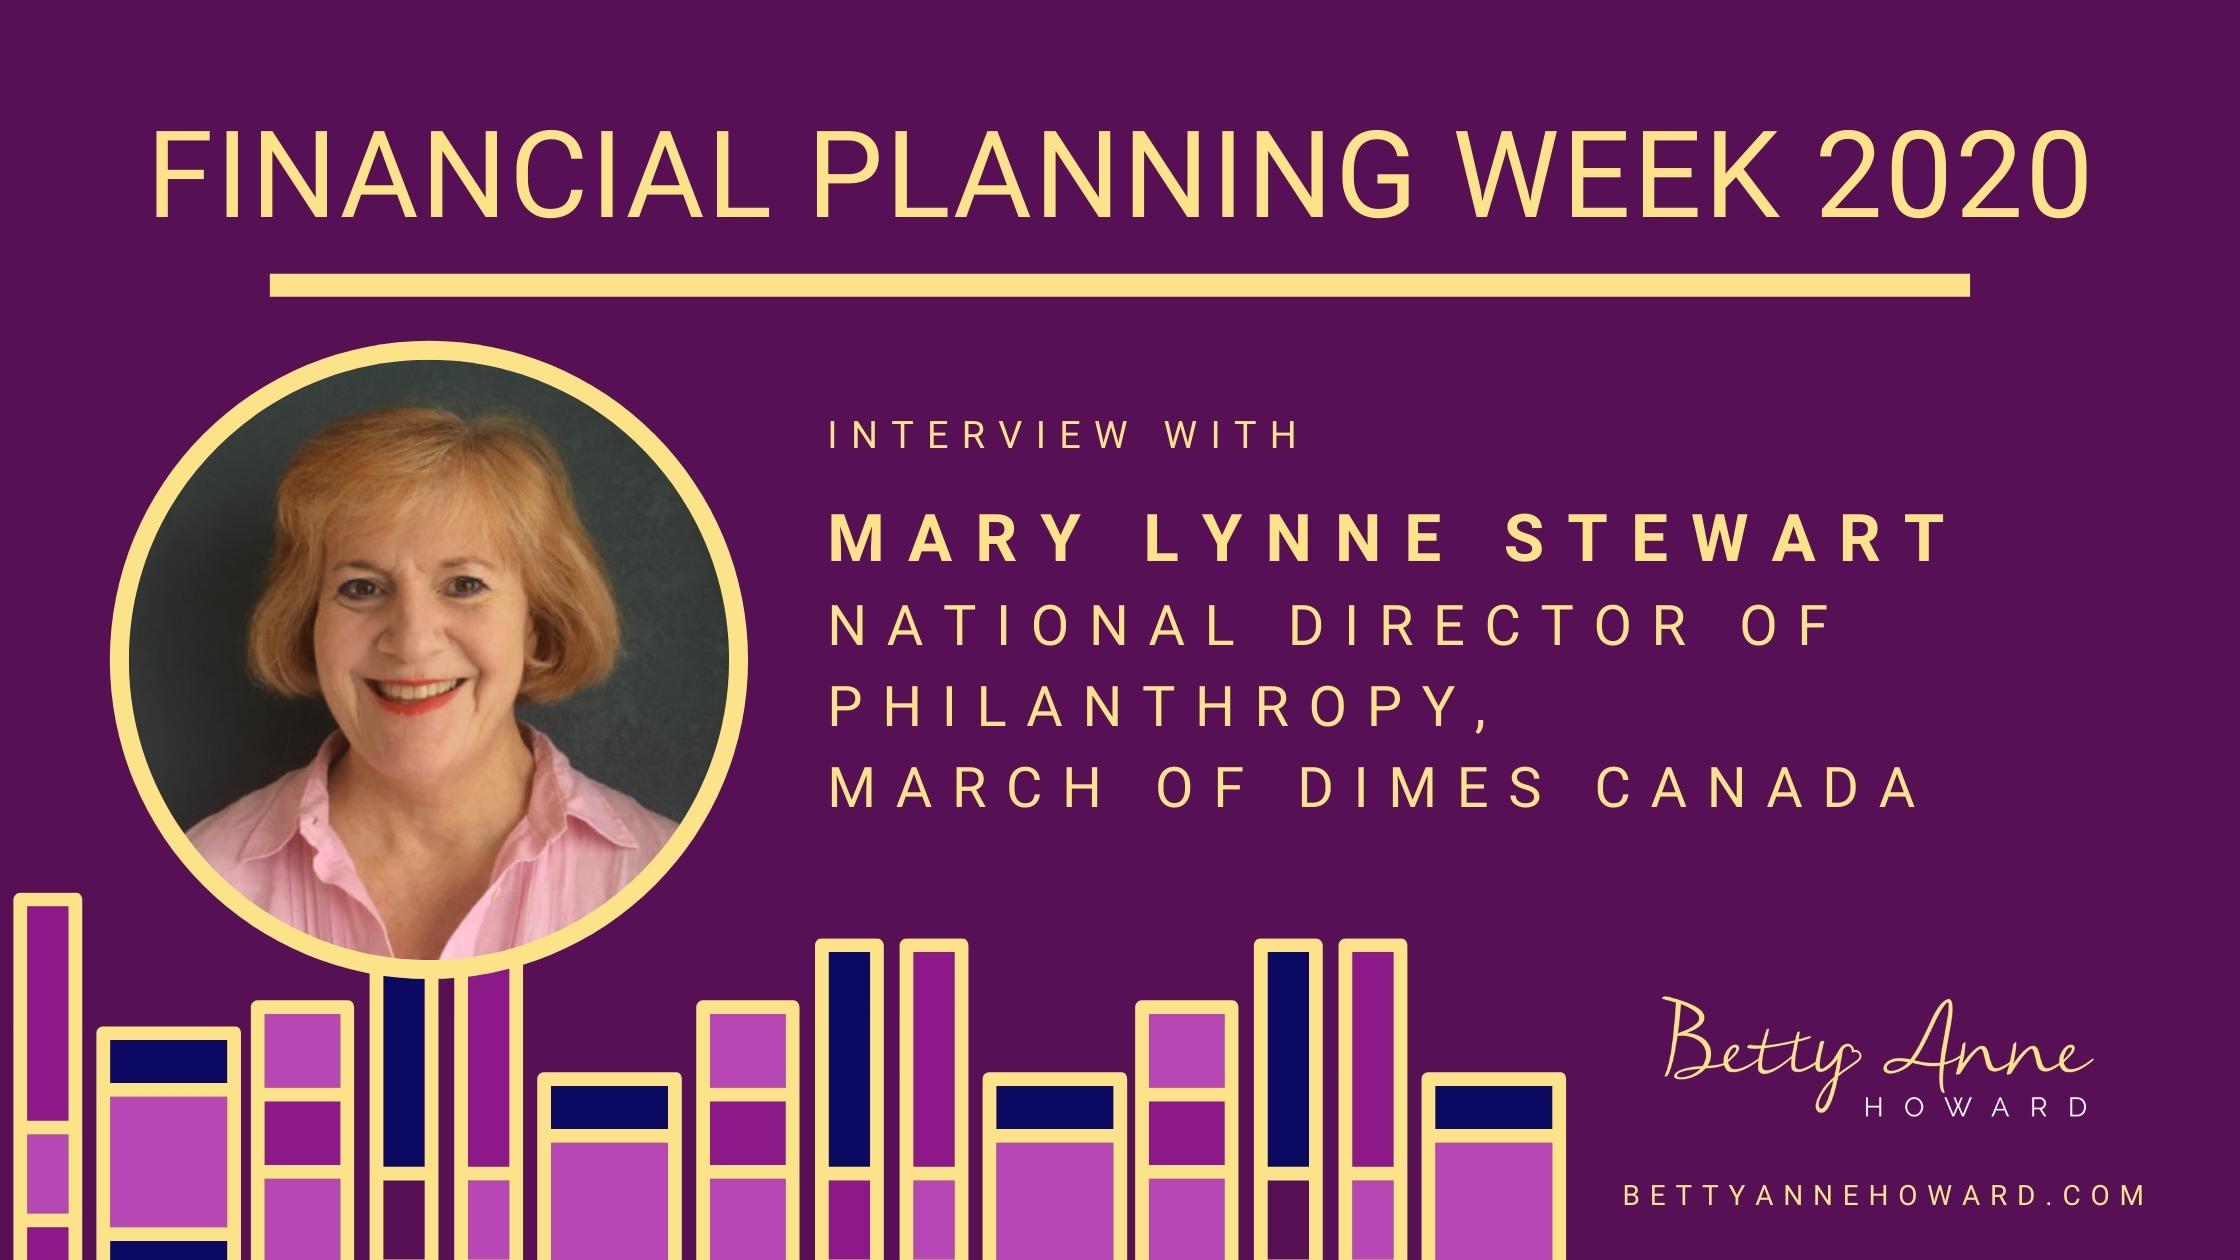 Mary Lynne Stewart March of Dimes Canada